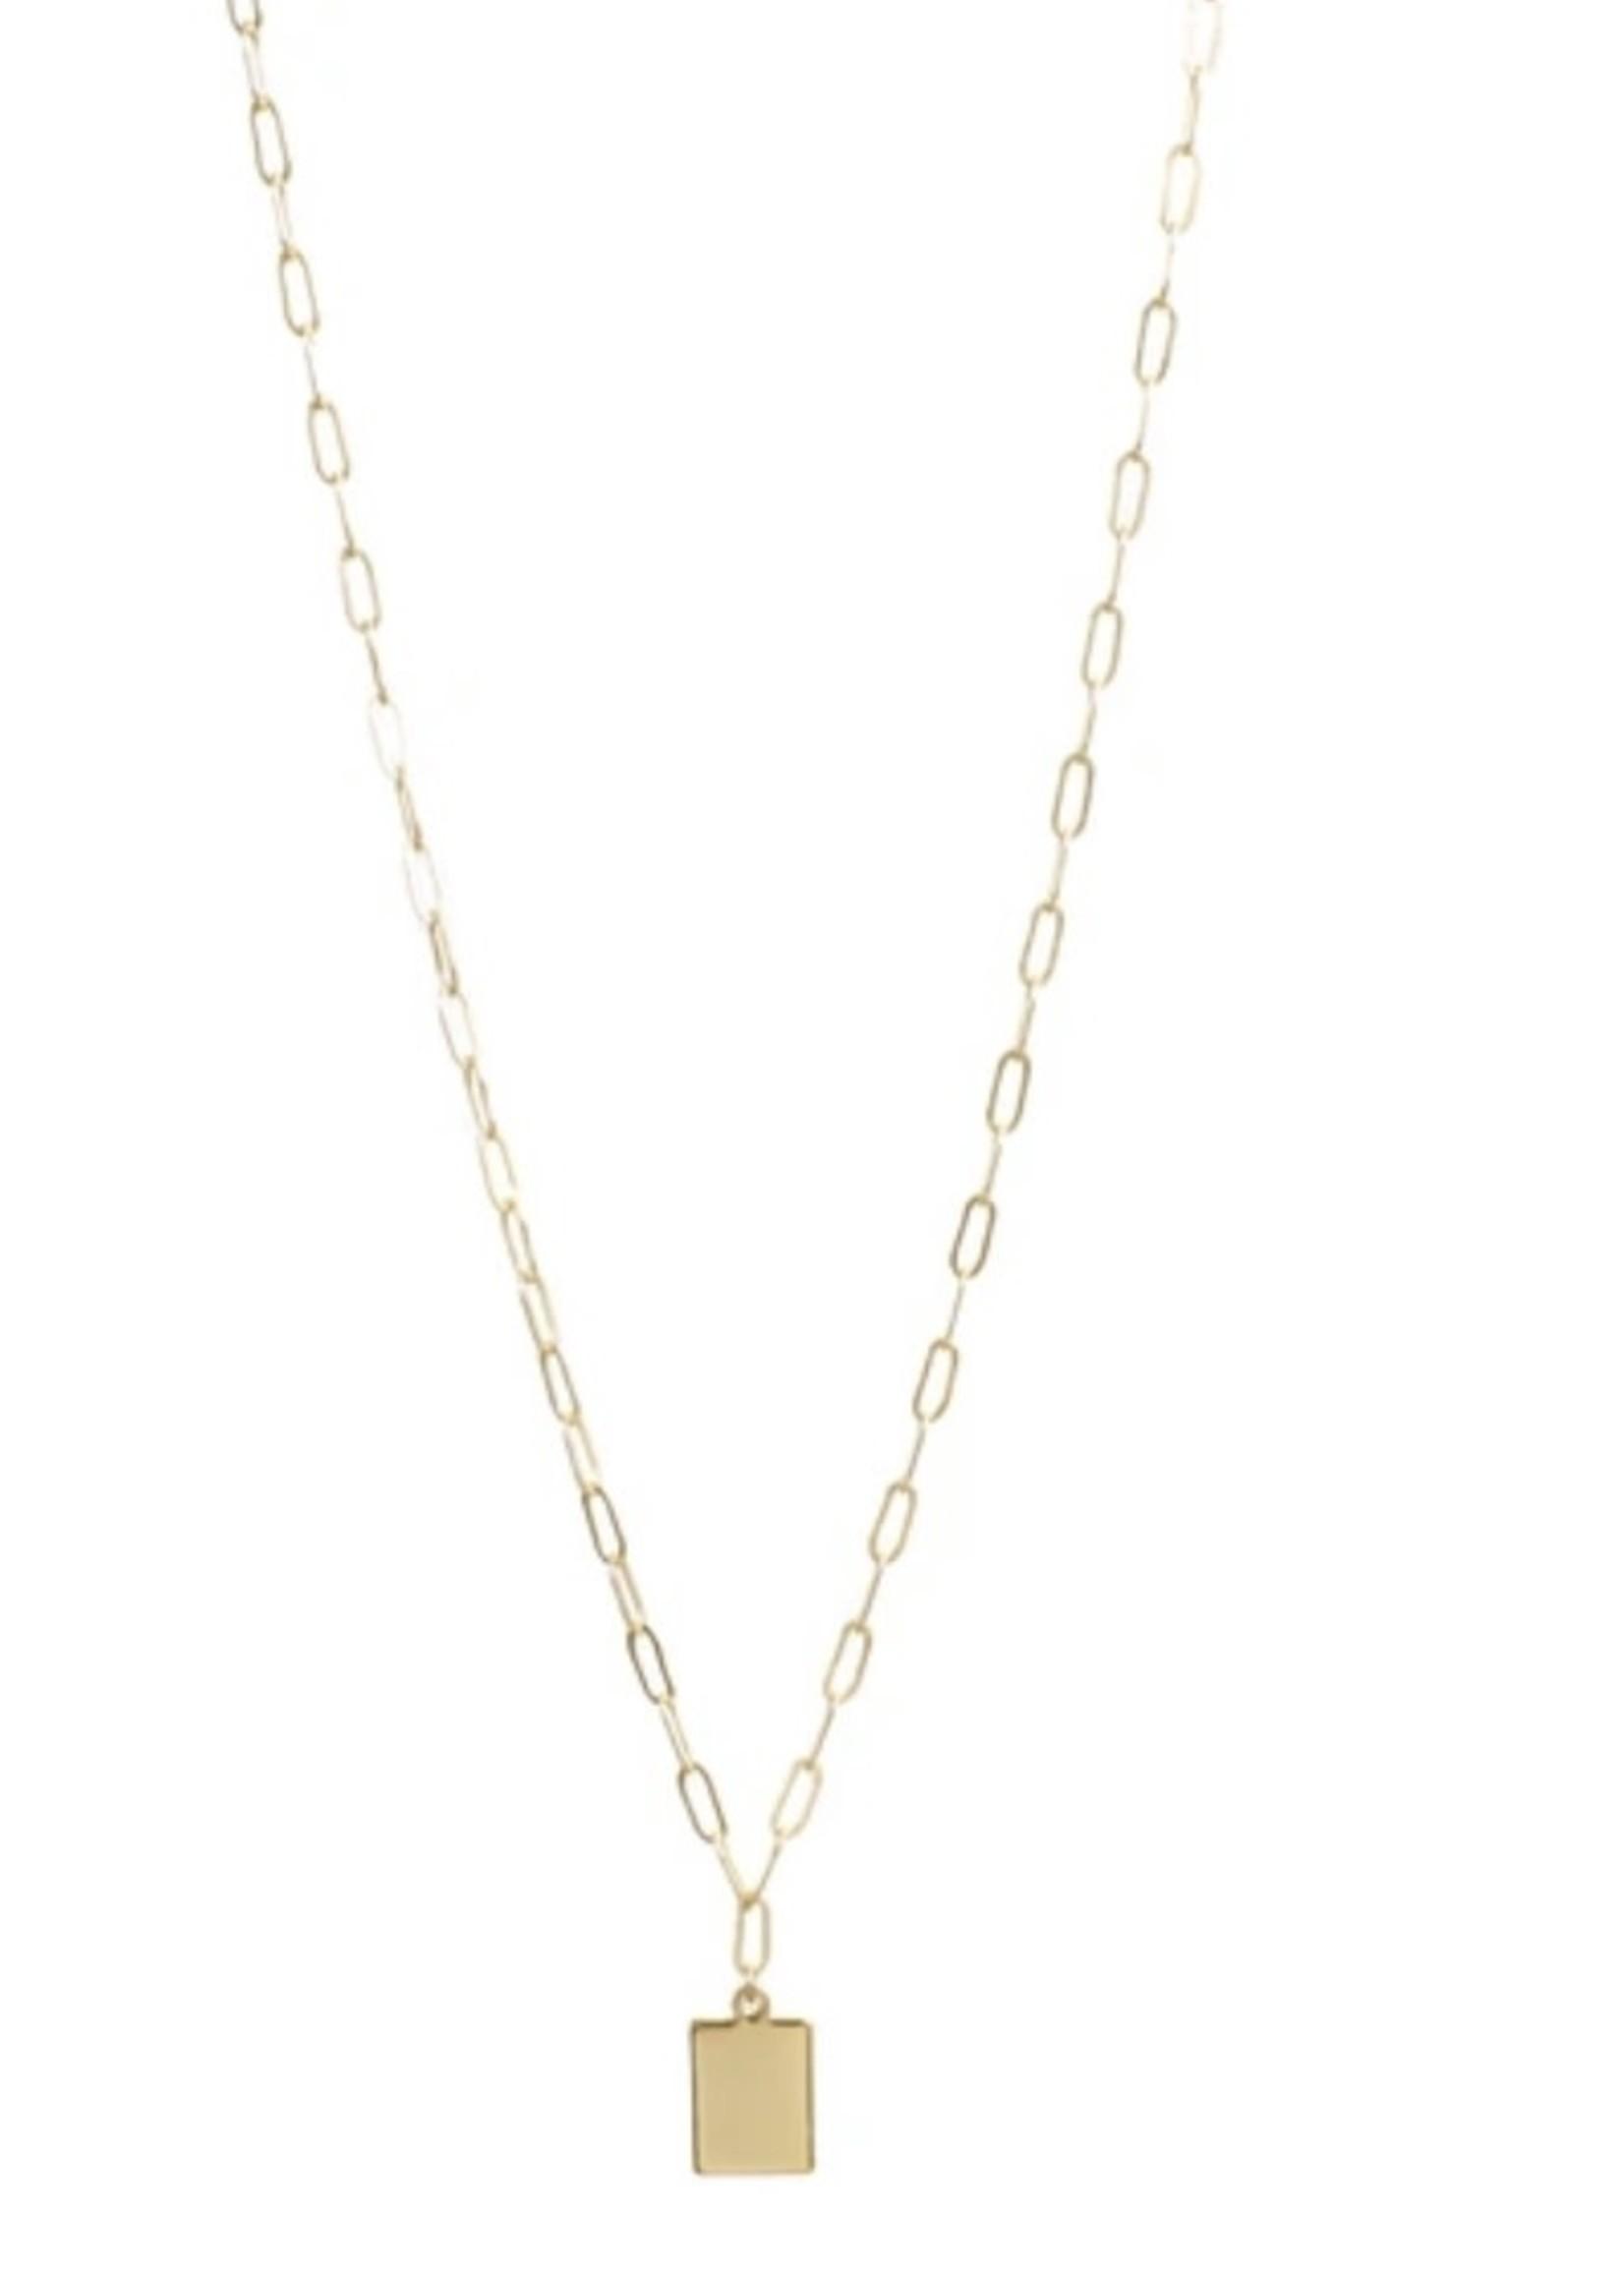 Lisbeth Brier Necklace, 14K Gold Filled